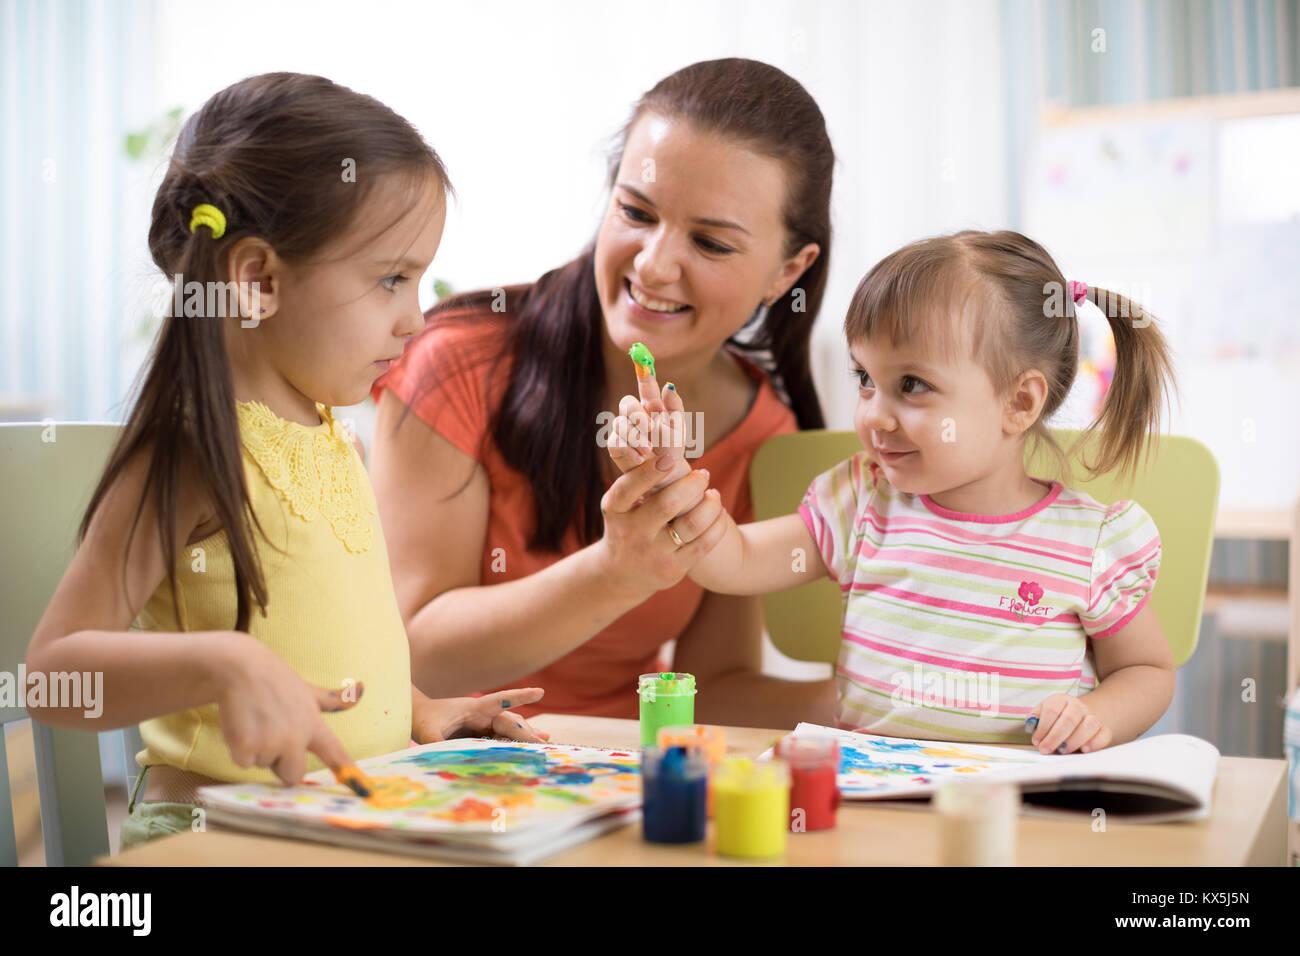 Kinder mit junge Lehrerin Frau zusammen Malen auf Tabelle im ...